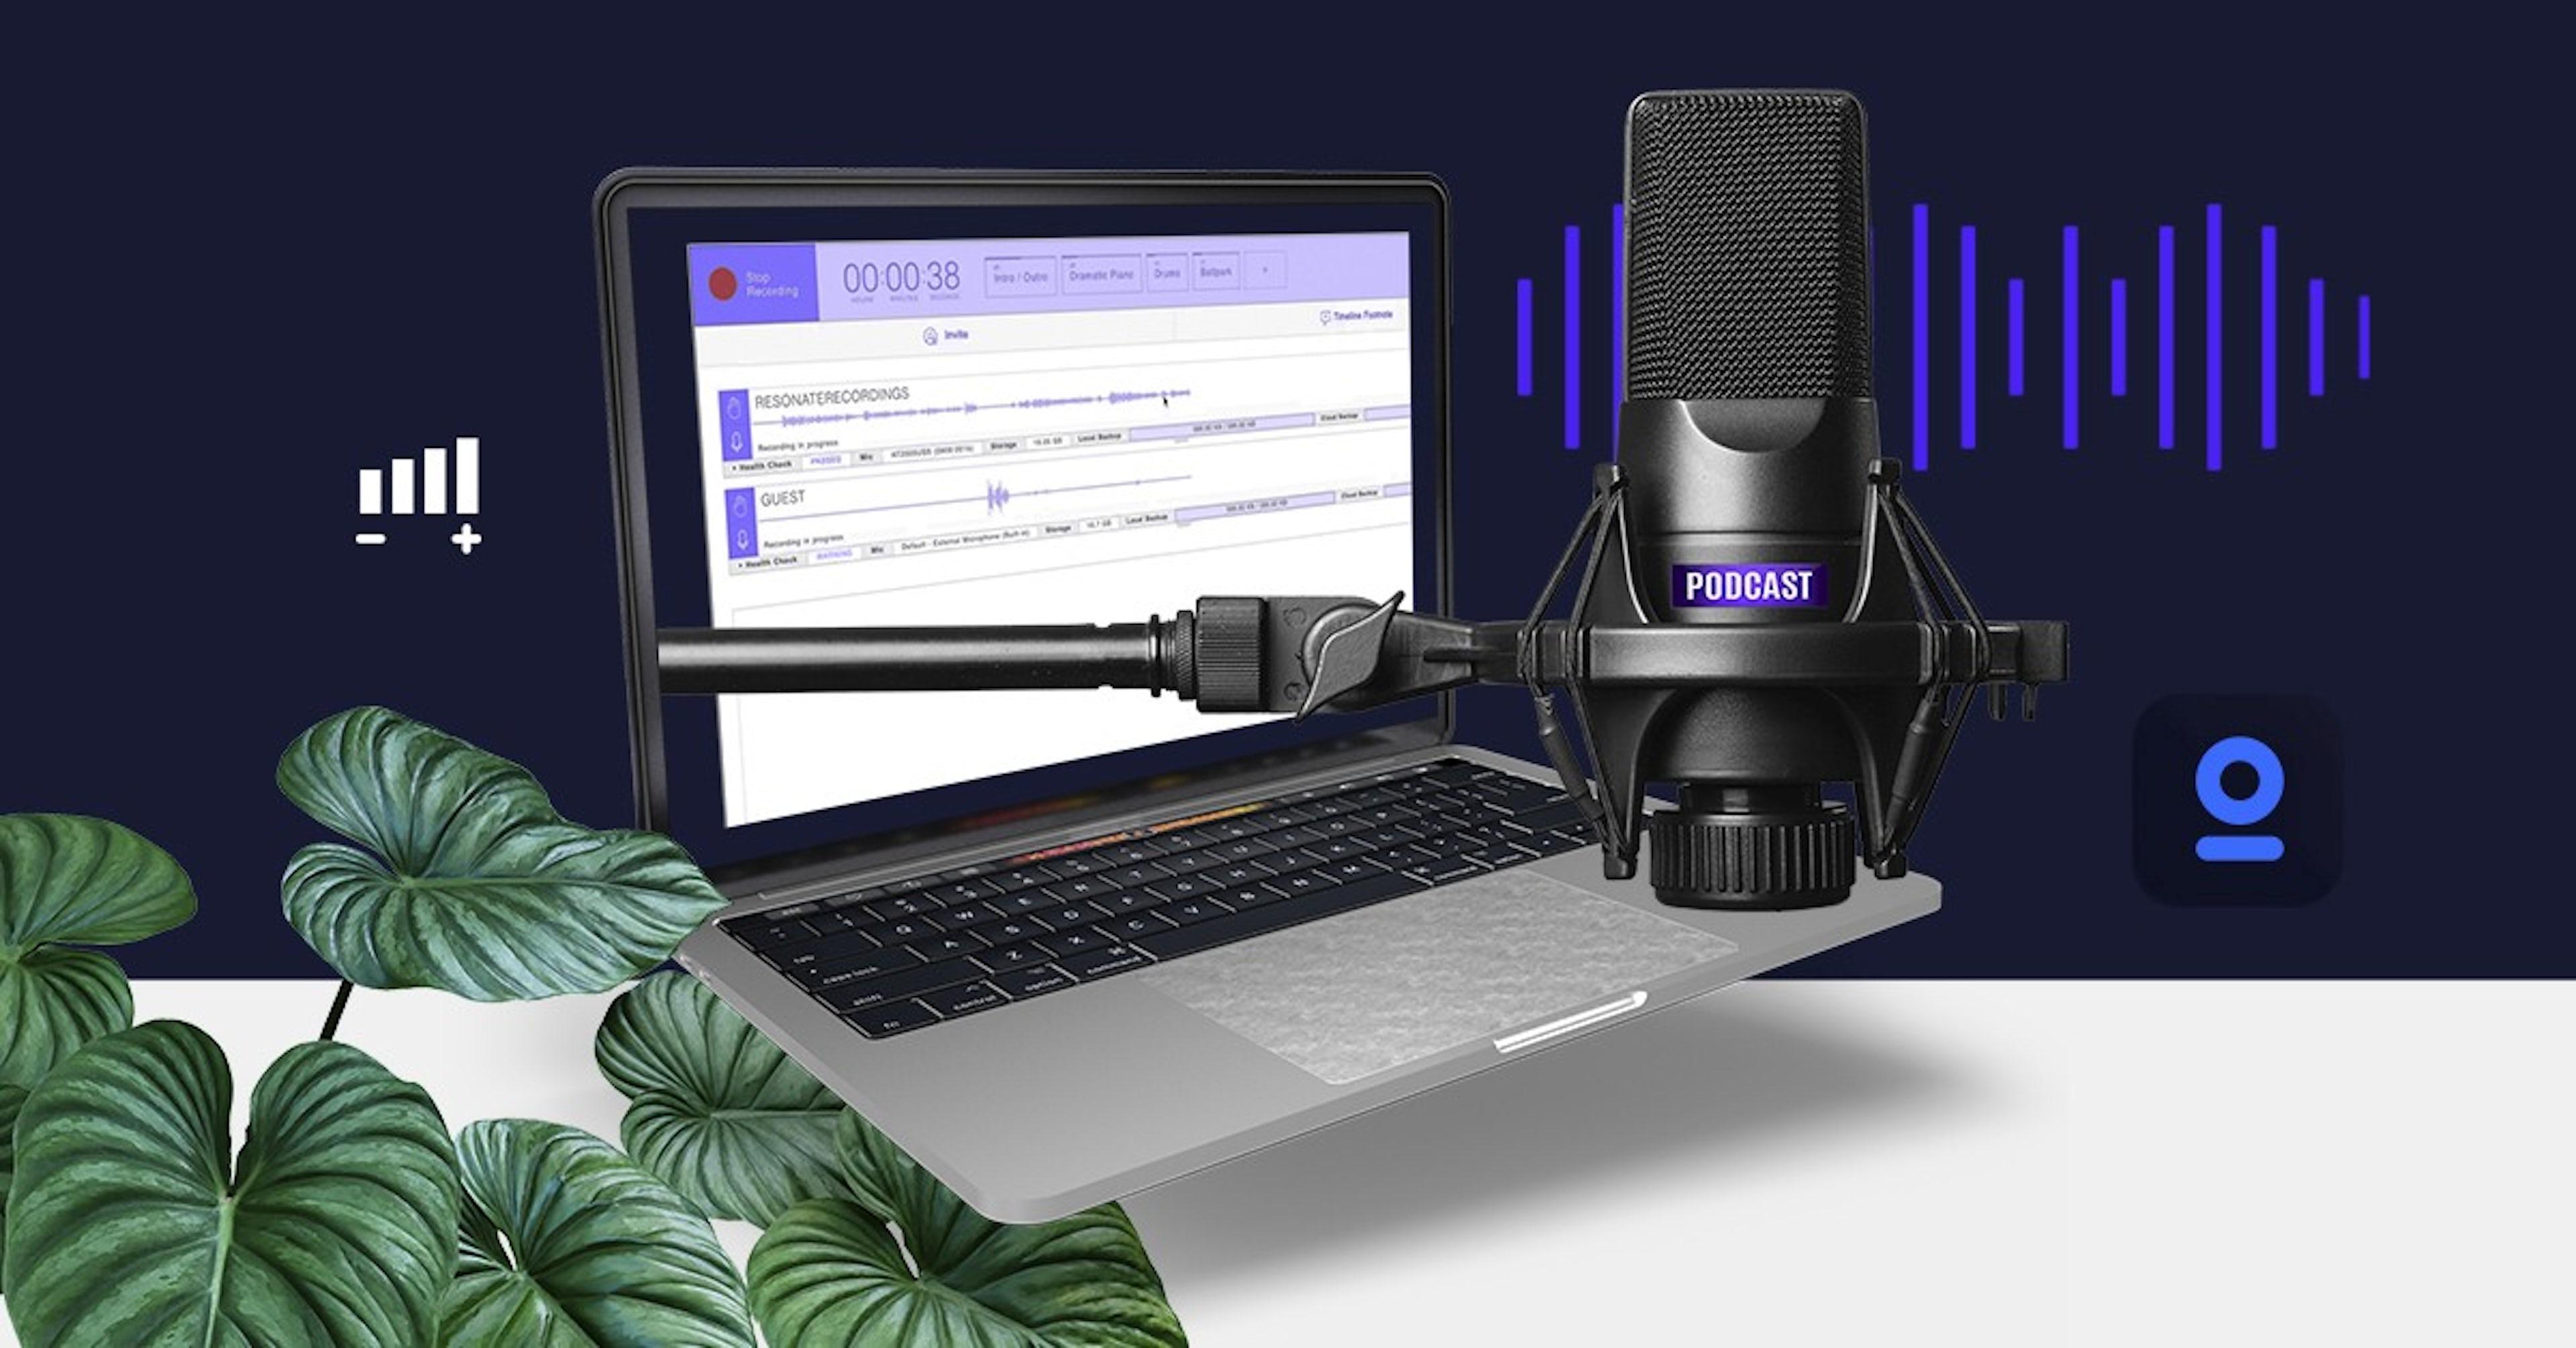 ¿Sabes qué es Zencastr? ¡Aprende a crear un podcast fácilmente!